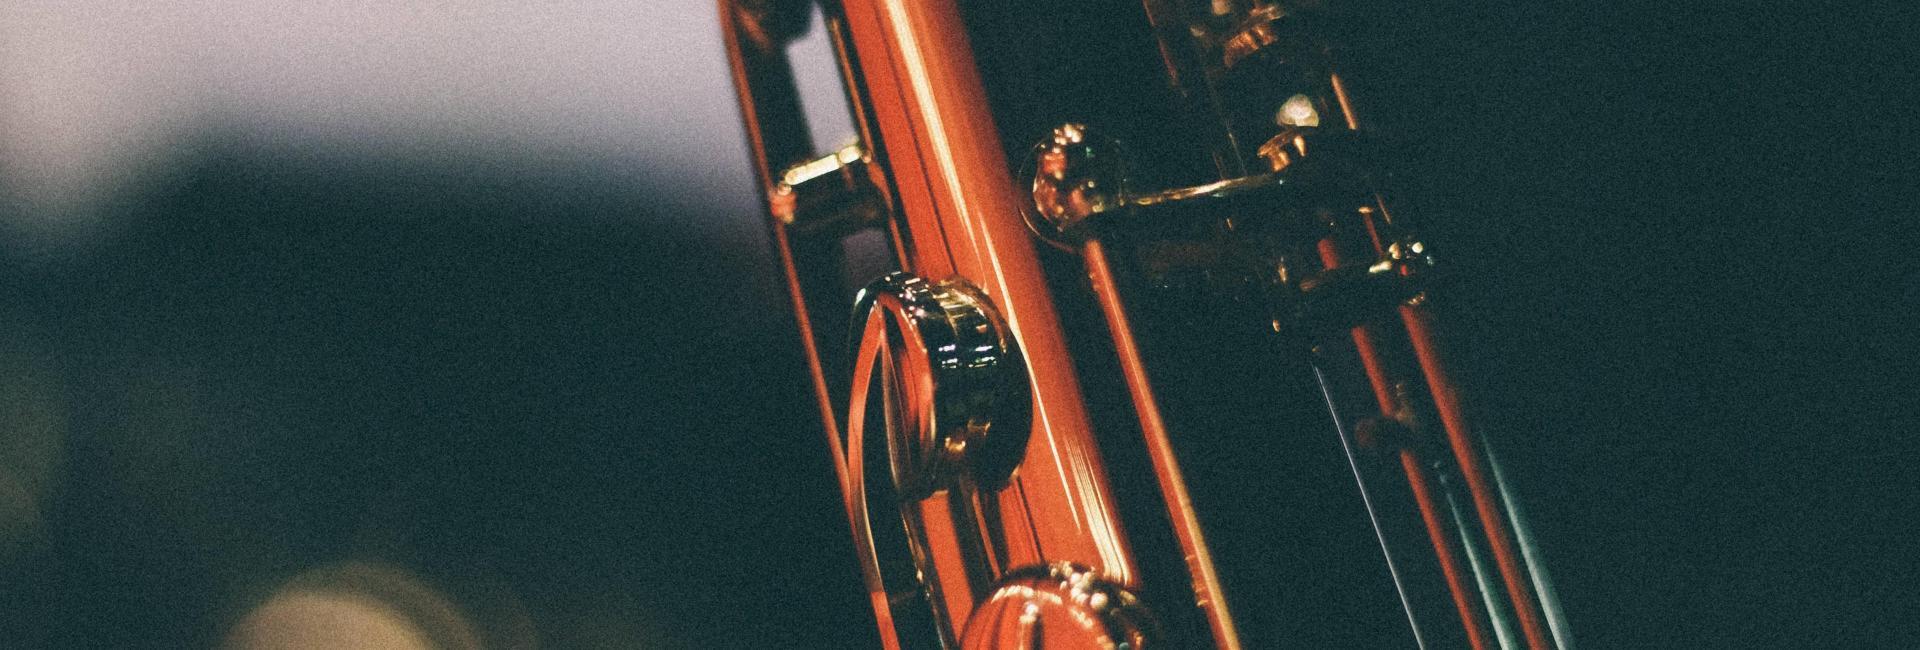 Jazz Night Juniper 1 Hotel West Hollywood